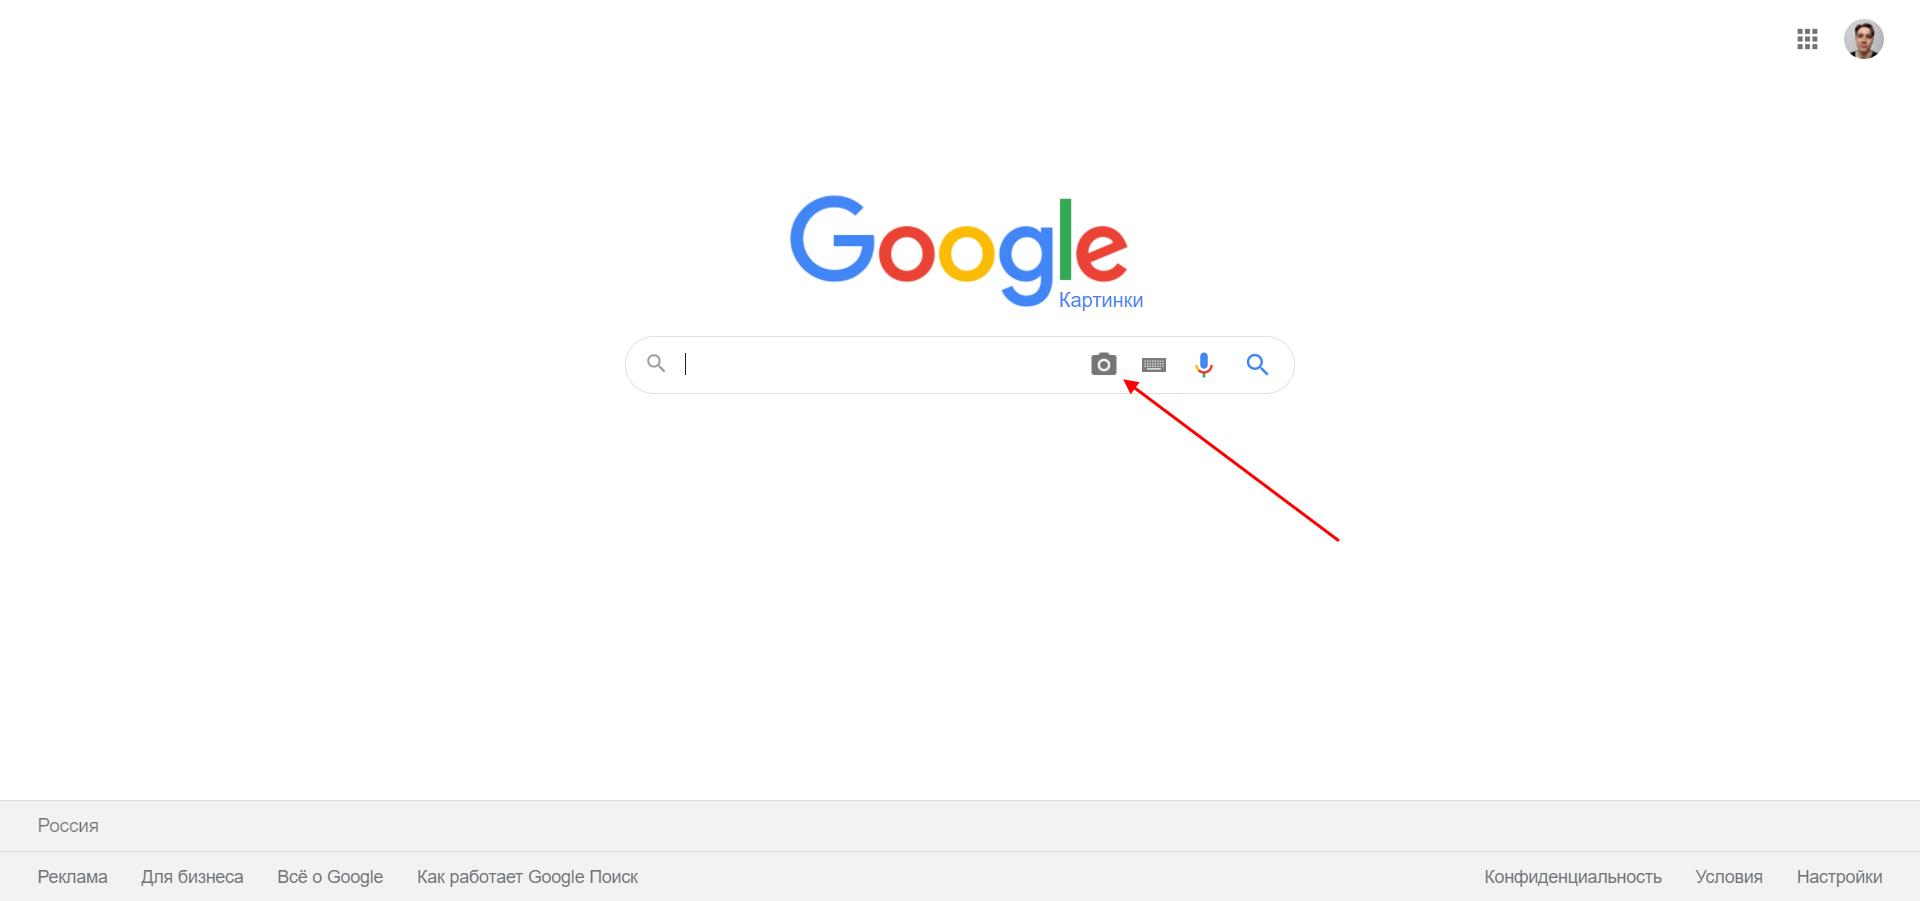 Как открыть поиск по картинке в Google